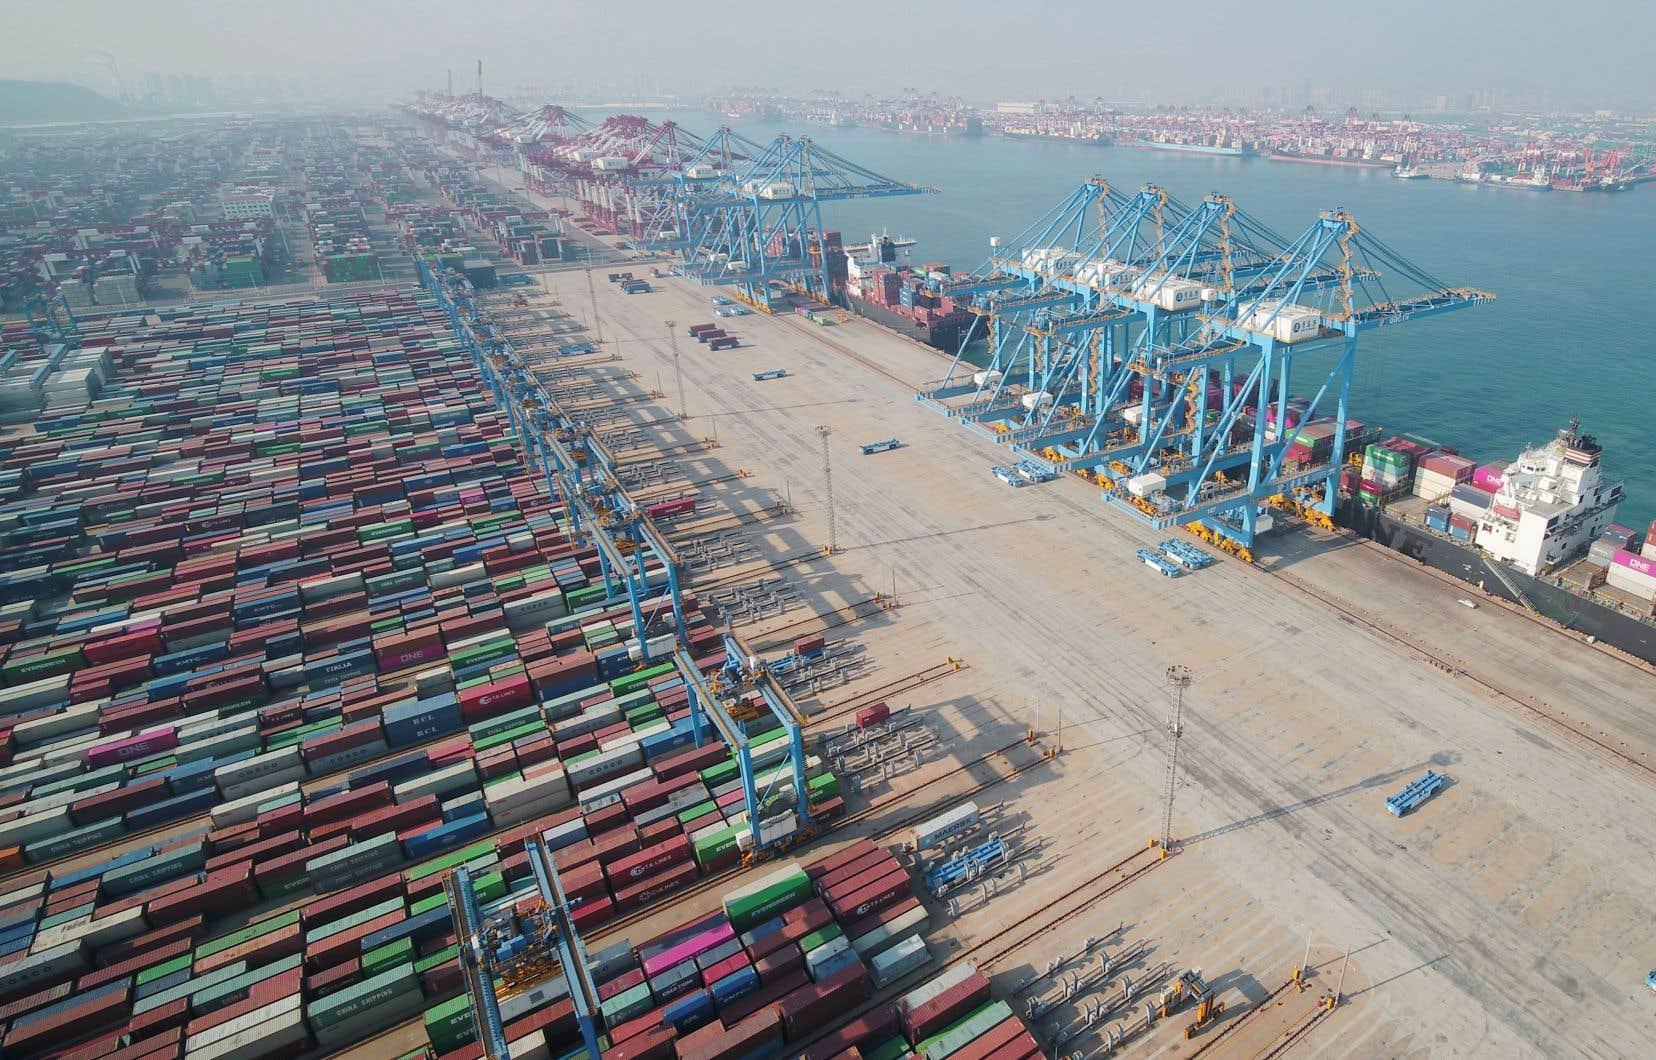 Faisant face à l'hostilité commerciale des États-Unis et à un ralentissement de sa demande intérieure, l'économie chinoise poursuivra sa décélération d'un rythme d'expansion de 6,6% à 6,1% l'an dernier, à 5,9% cette année, puis 5,8% l'année prochaine et 5,7% l'année d'après.